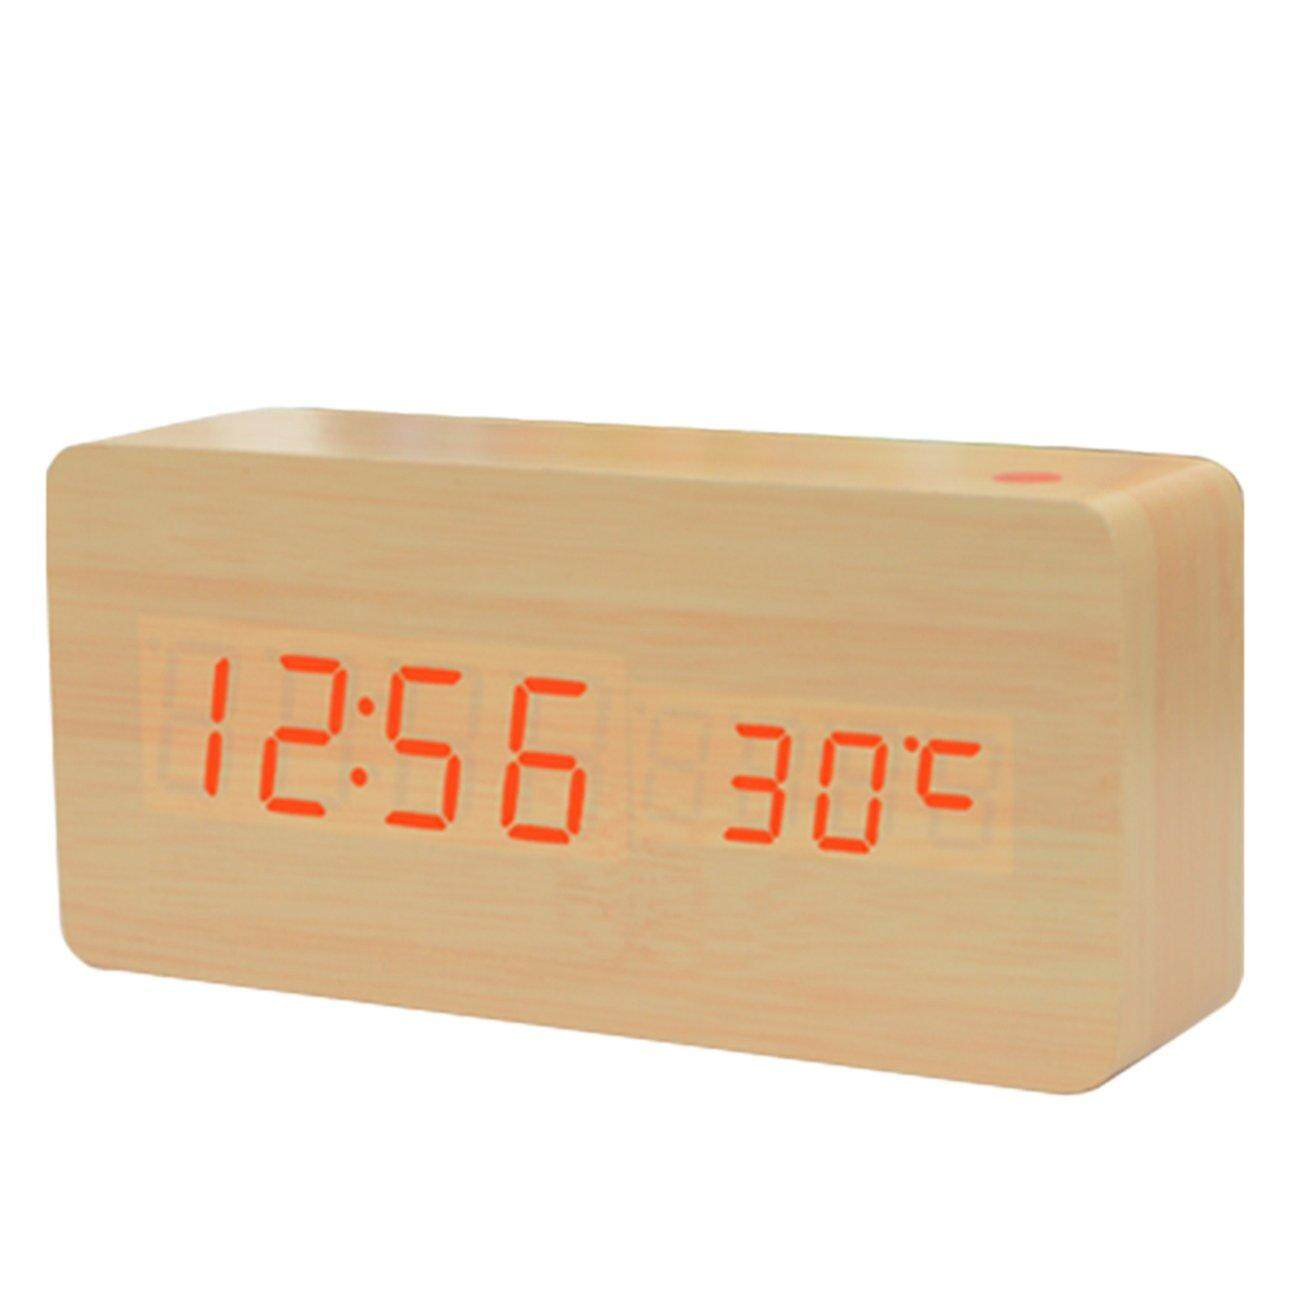 Phổ Biến nhất Sáng Tạo Gỗ Đồng Hồ Báo Thức Giọng Nói Tắt Tiếng LED Lịch Đầu Giường Đồng Hồ Đồng Hồ Báo Thức bán chạy